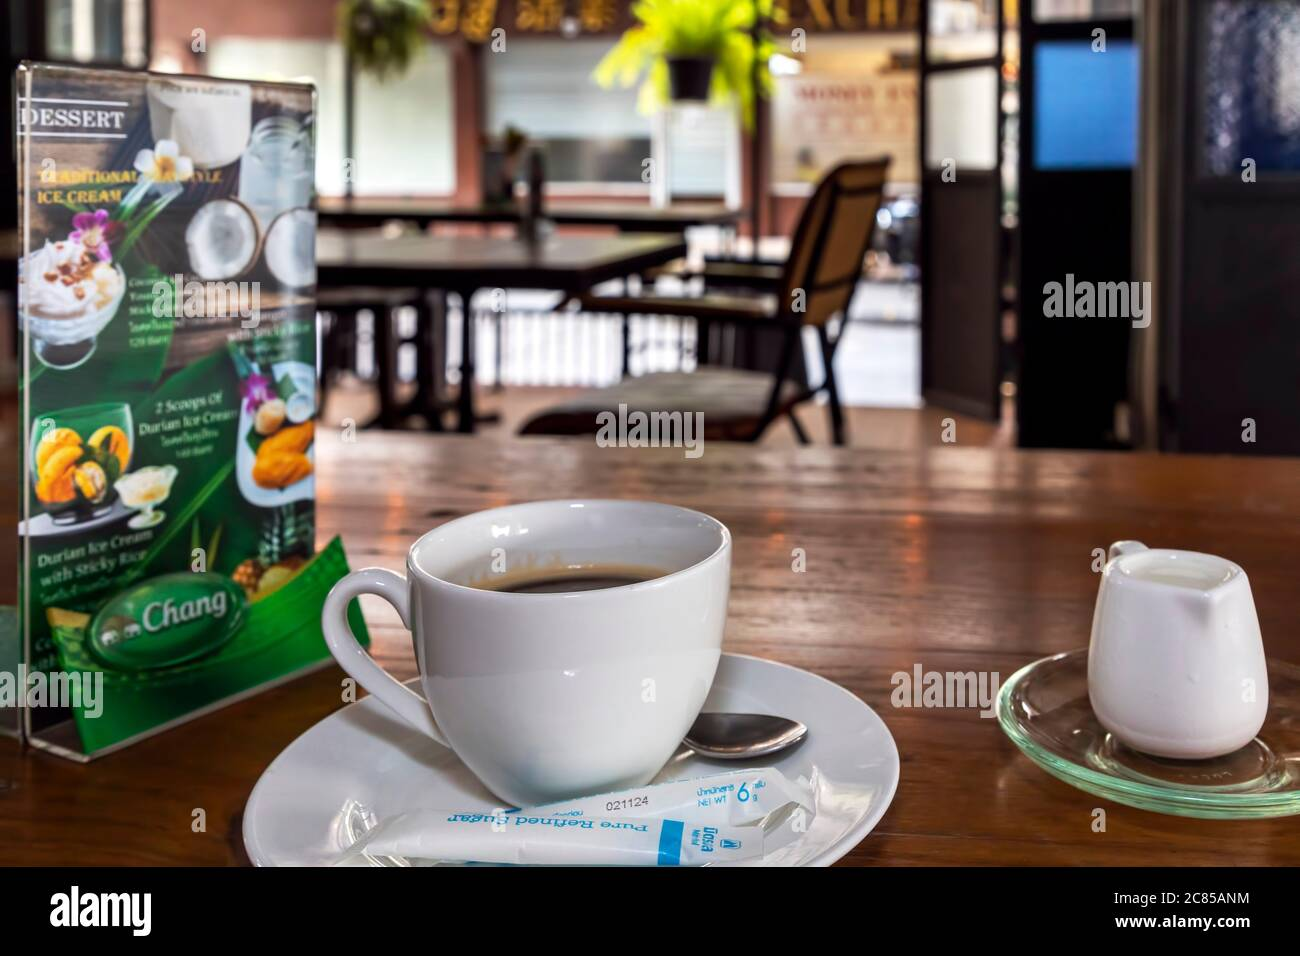 Café et menu au restaurant thaïlandais pendant la pandémie Covid 19, Bangkok, Thaïlande Banque D'Images